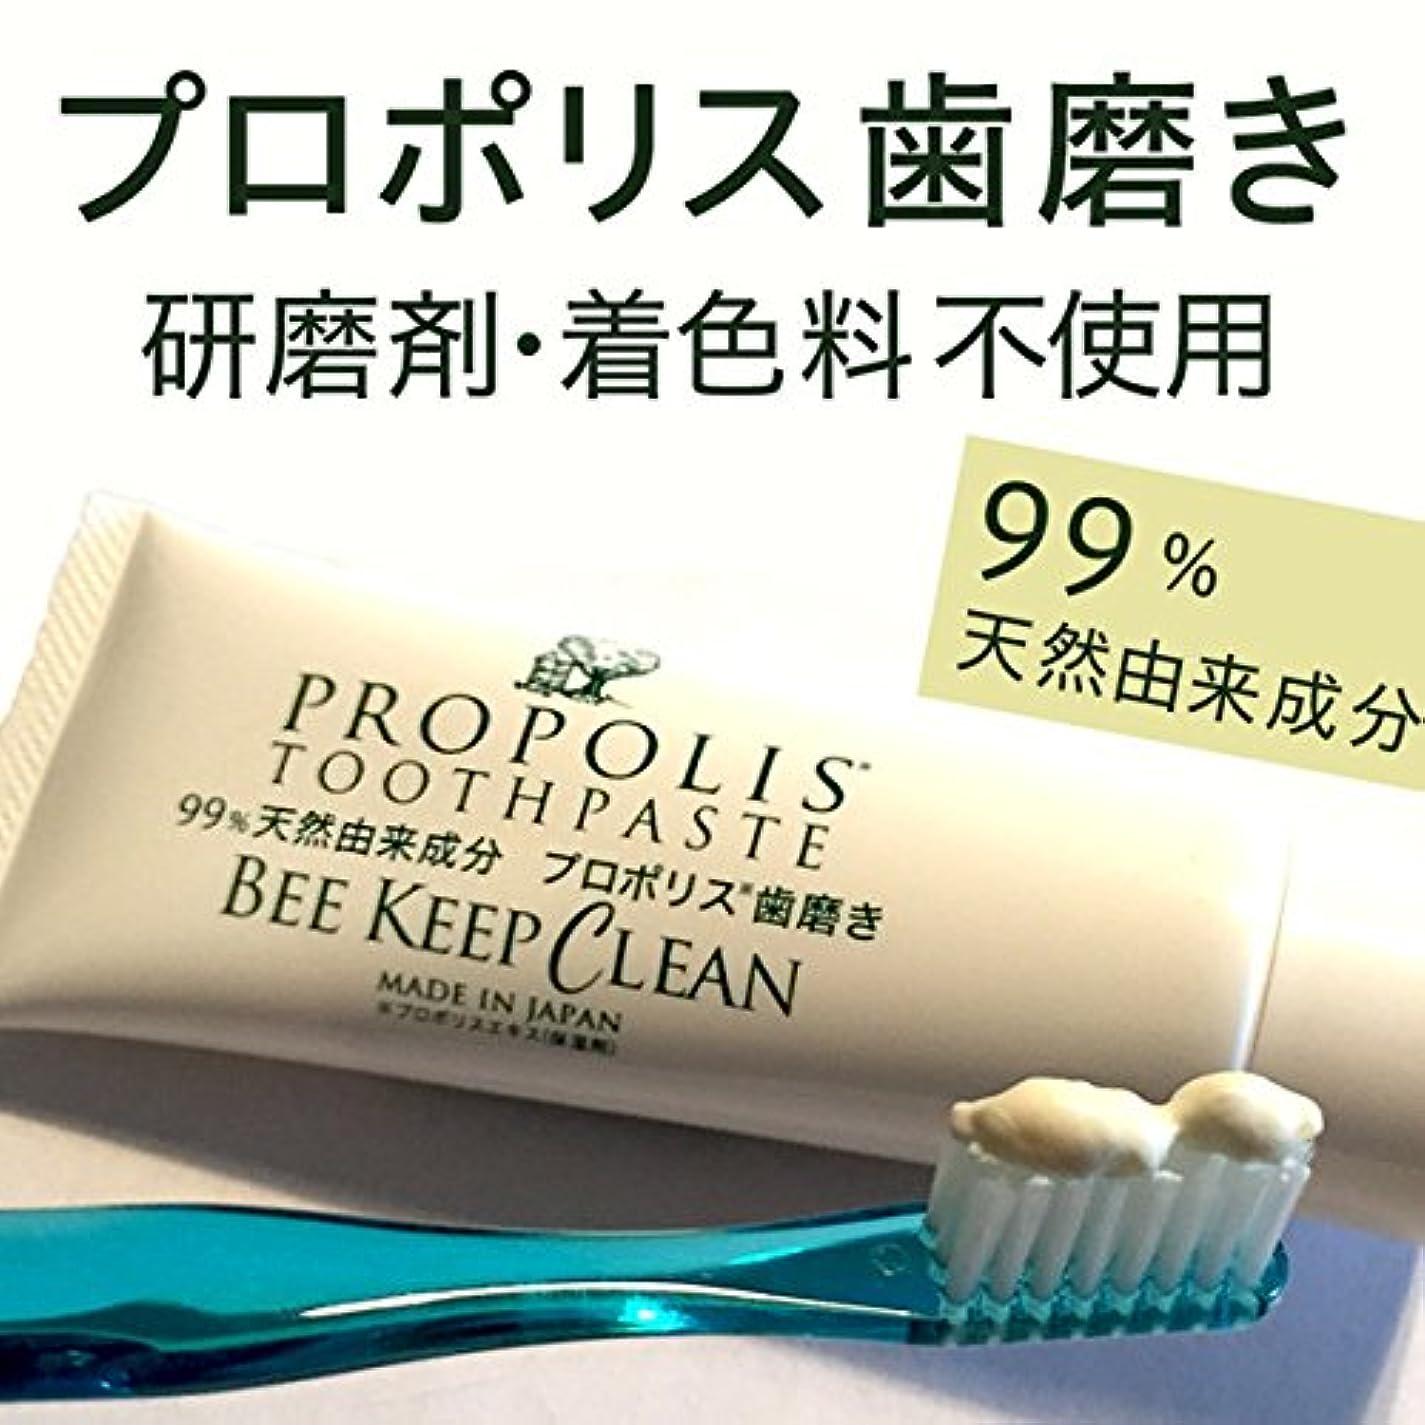 オペレーター薄暗いスロットプロポリス歯磨きビーキープクリーン100g